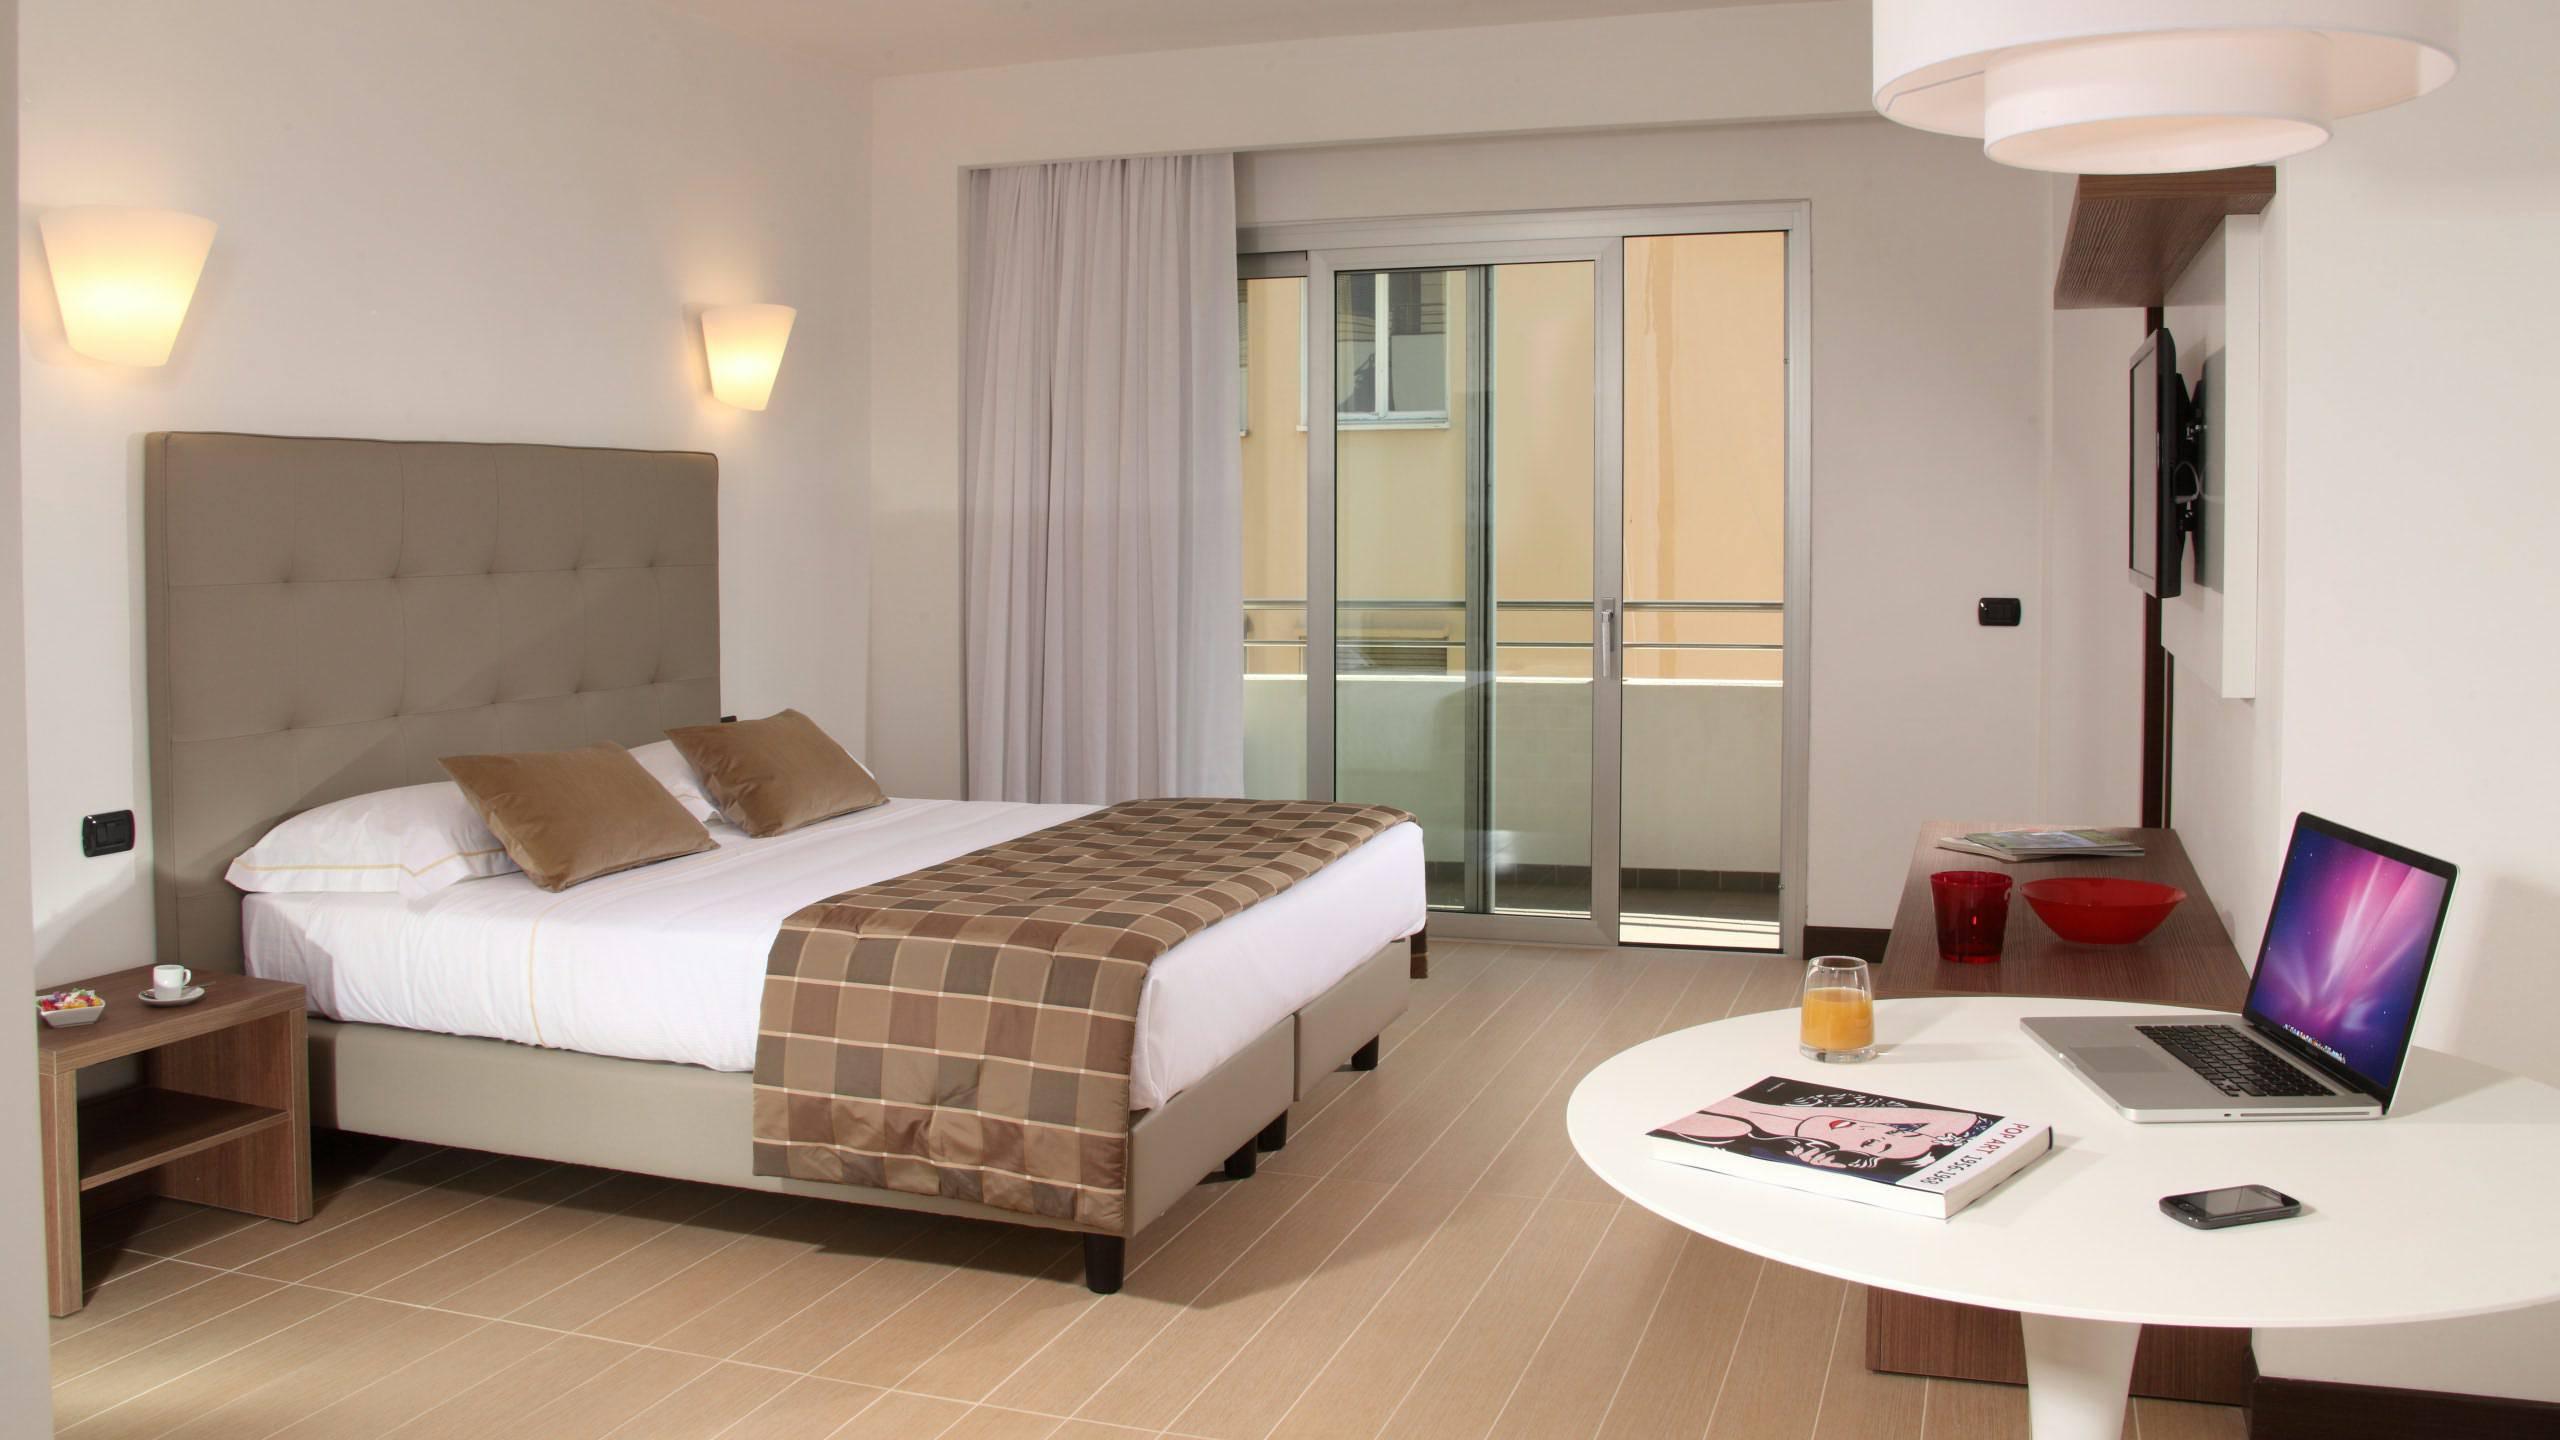 Residence hotel parioli roma camera deluxe - Camera da letto con tv ...